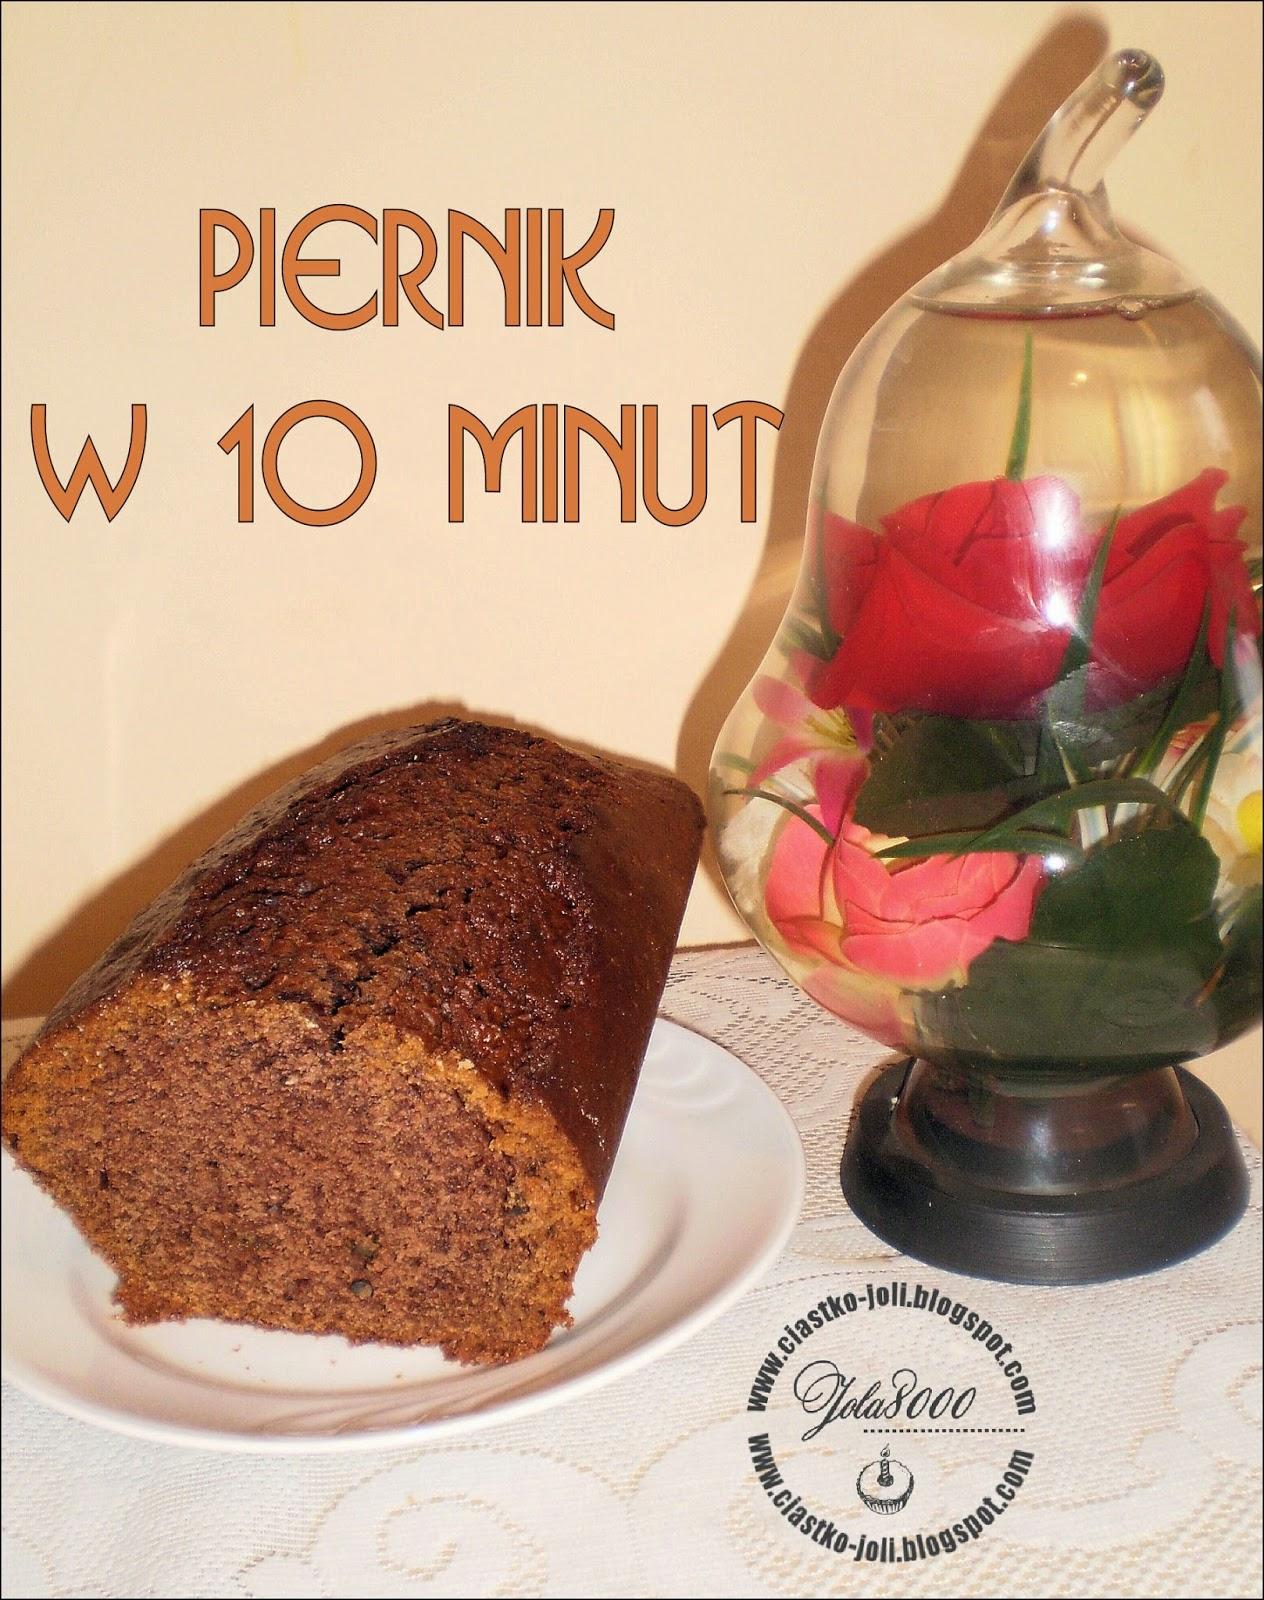 Piernik w 10 minut